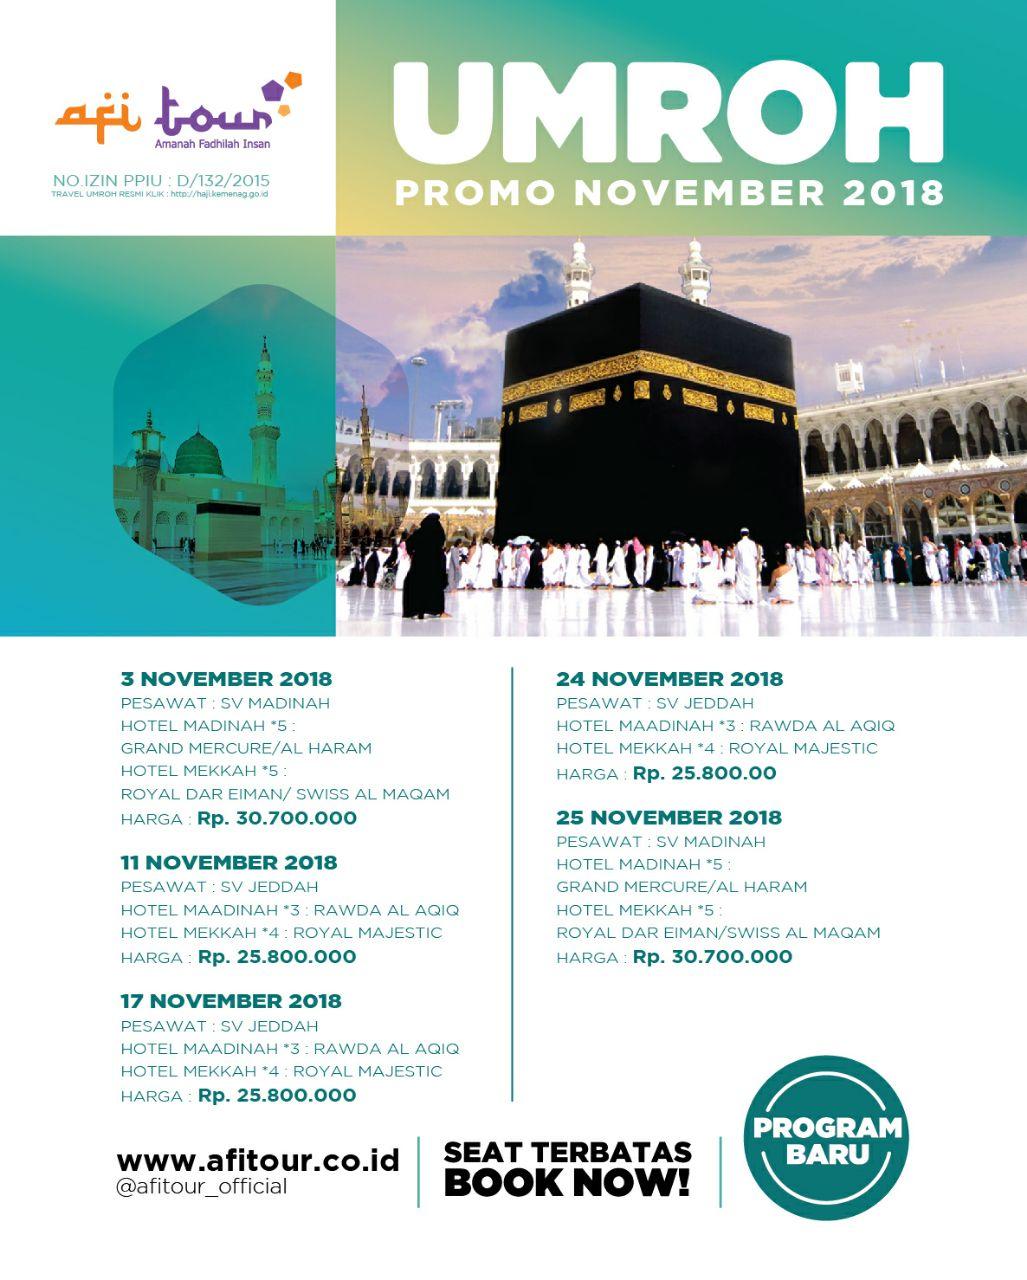 25 November 2018